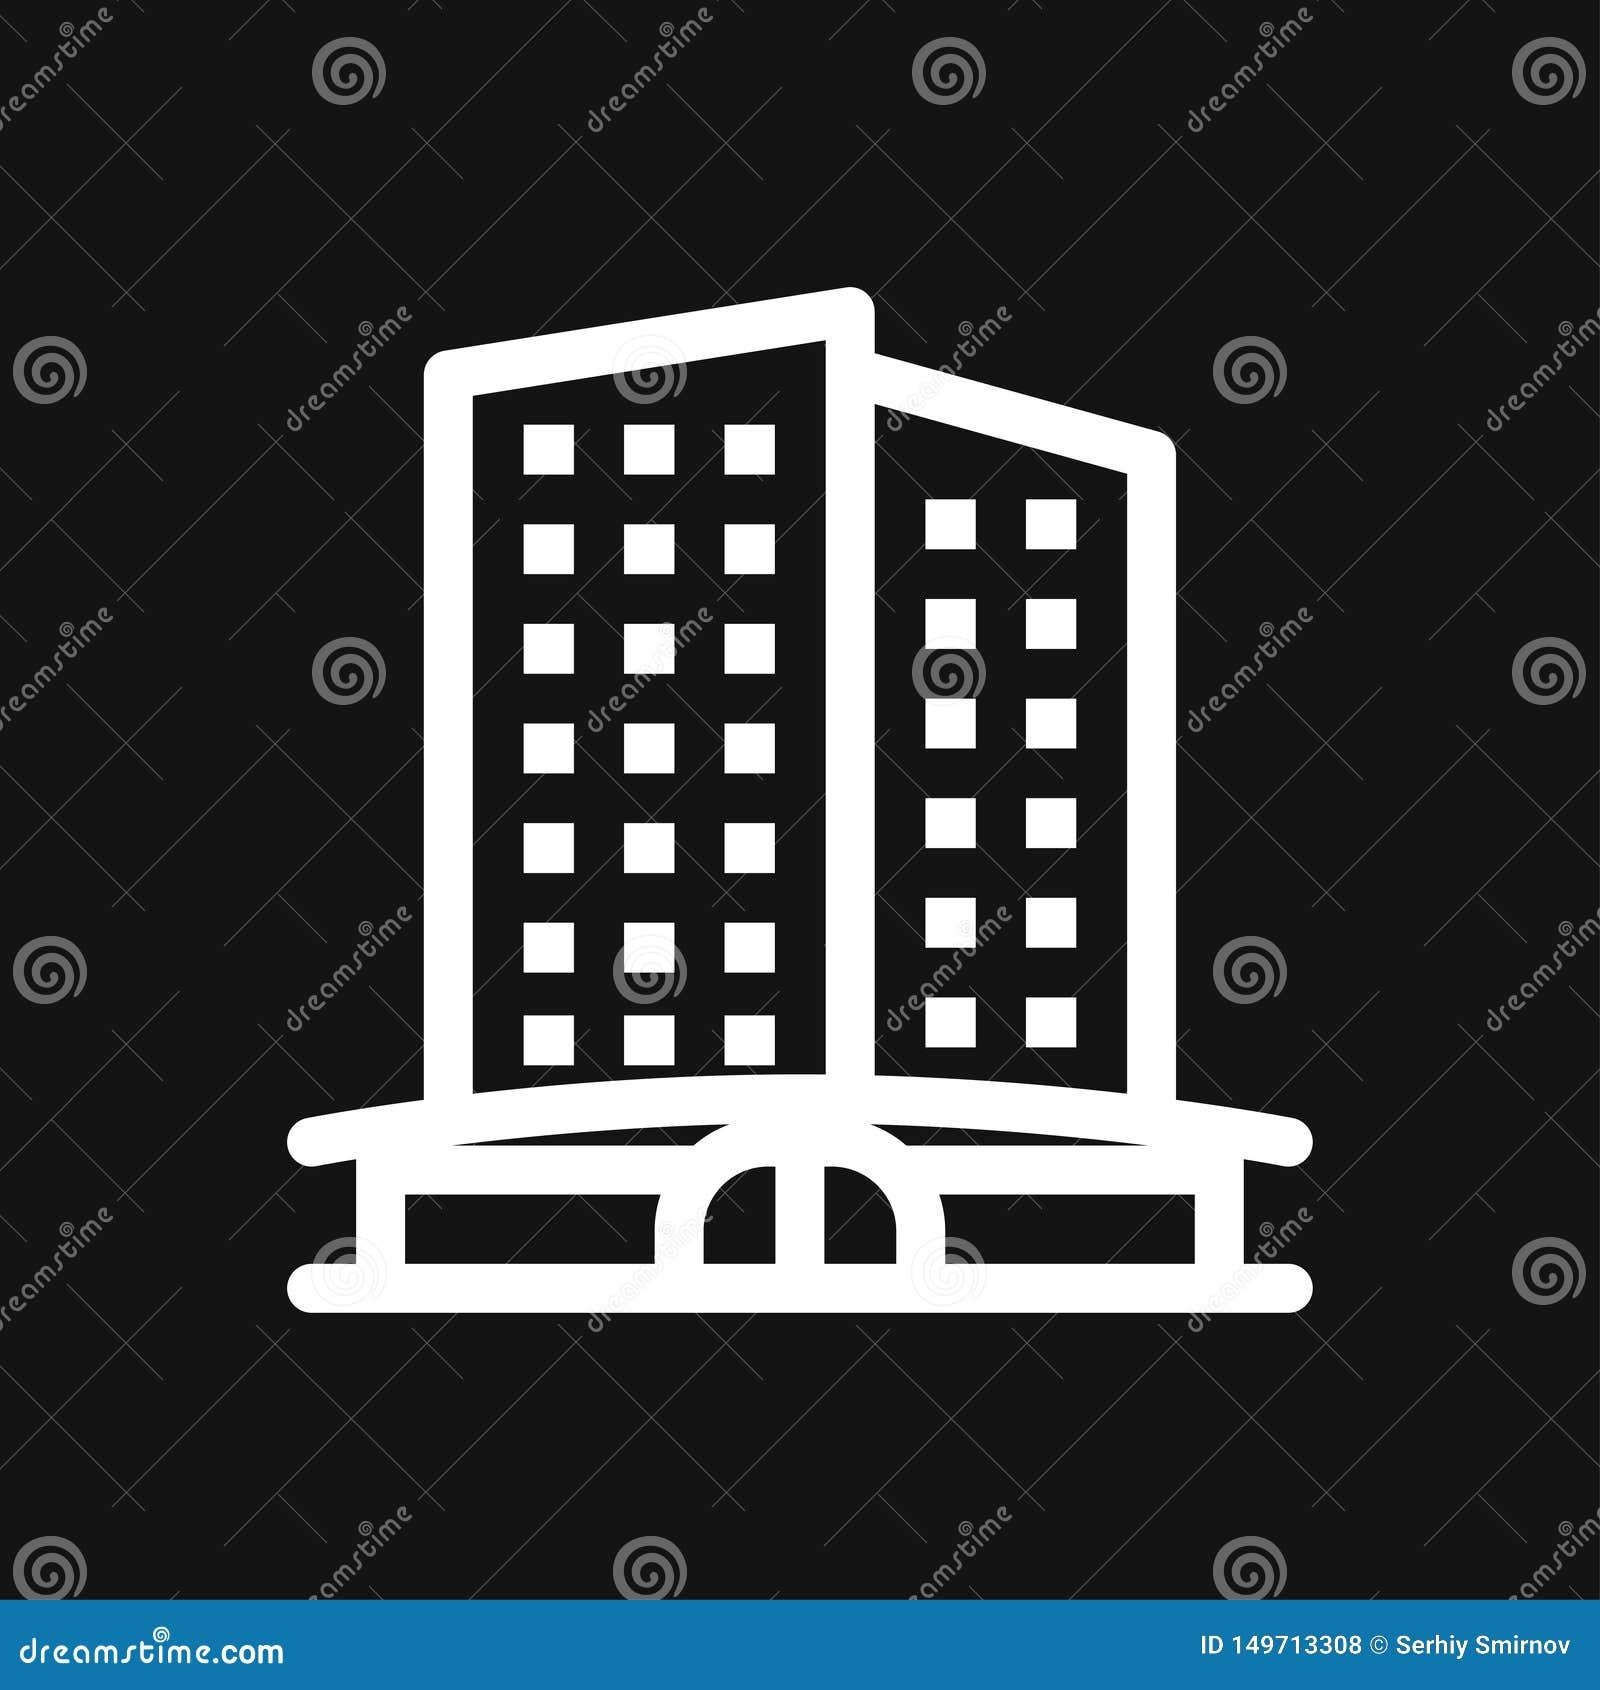 Hotelikonenlogo, Illustration, Vektorzeichensymbol f?r Entwurf